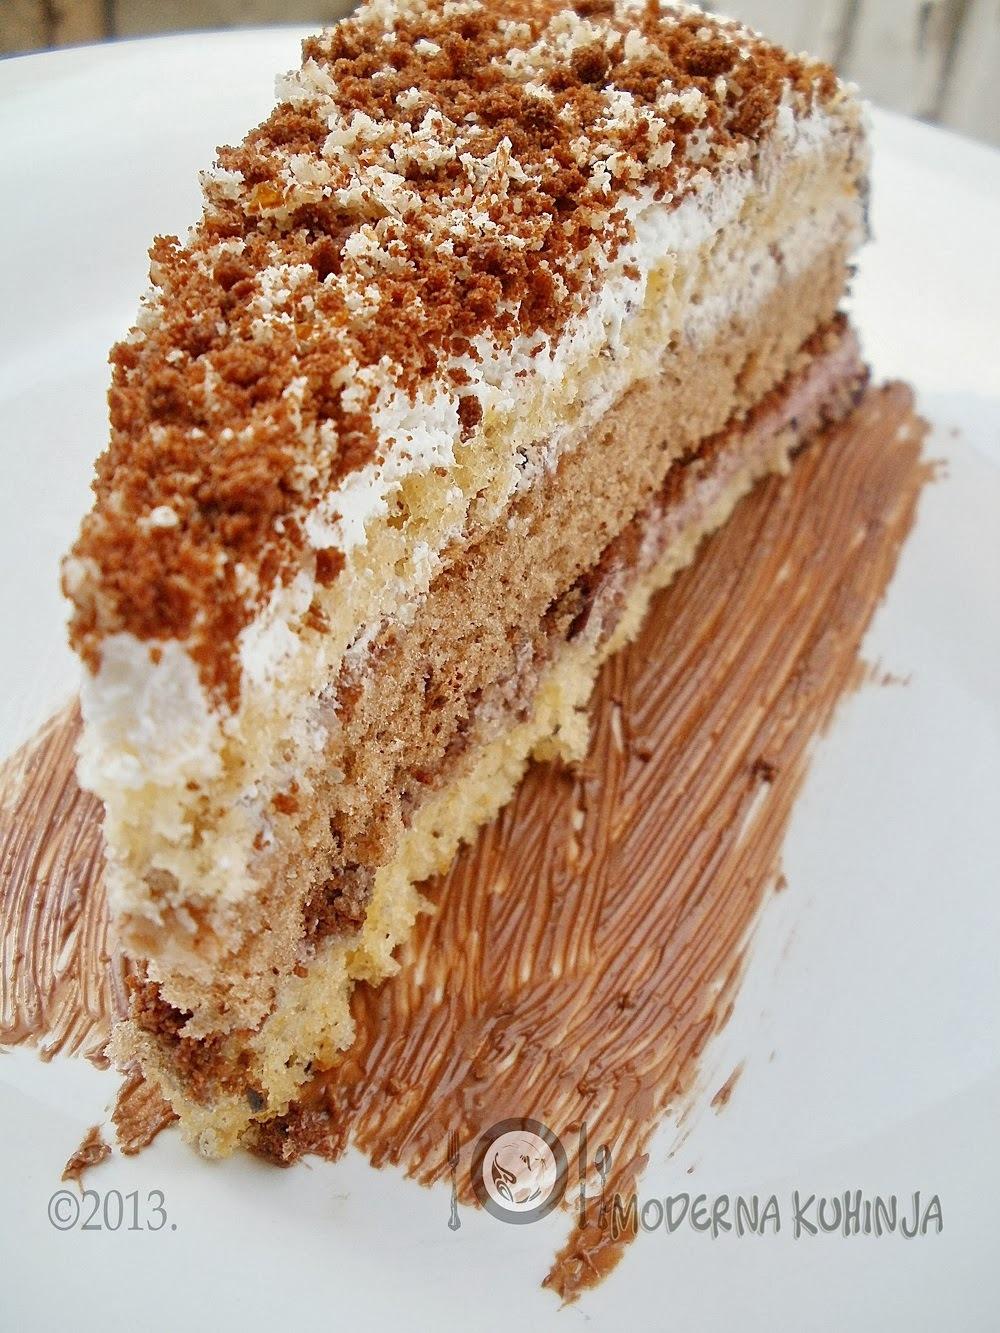 [Kemija okusa na nepcu] : Mrvičasta torta sa stracciatella obrubom